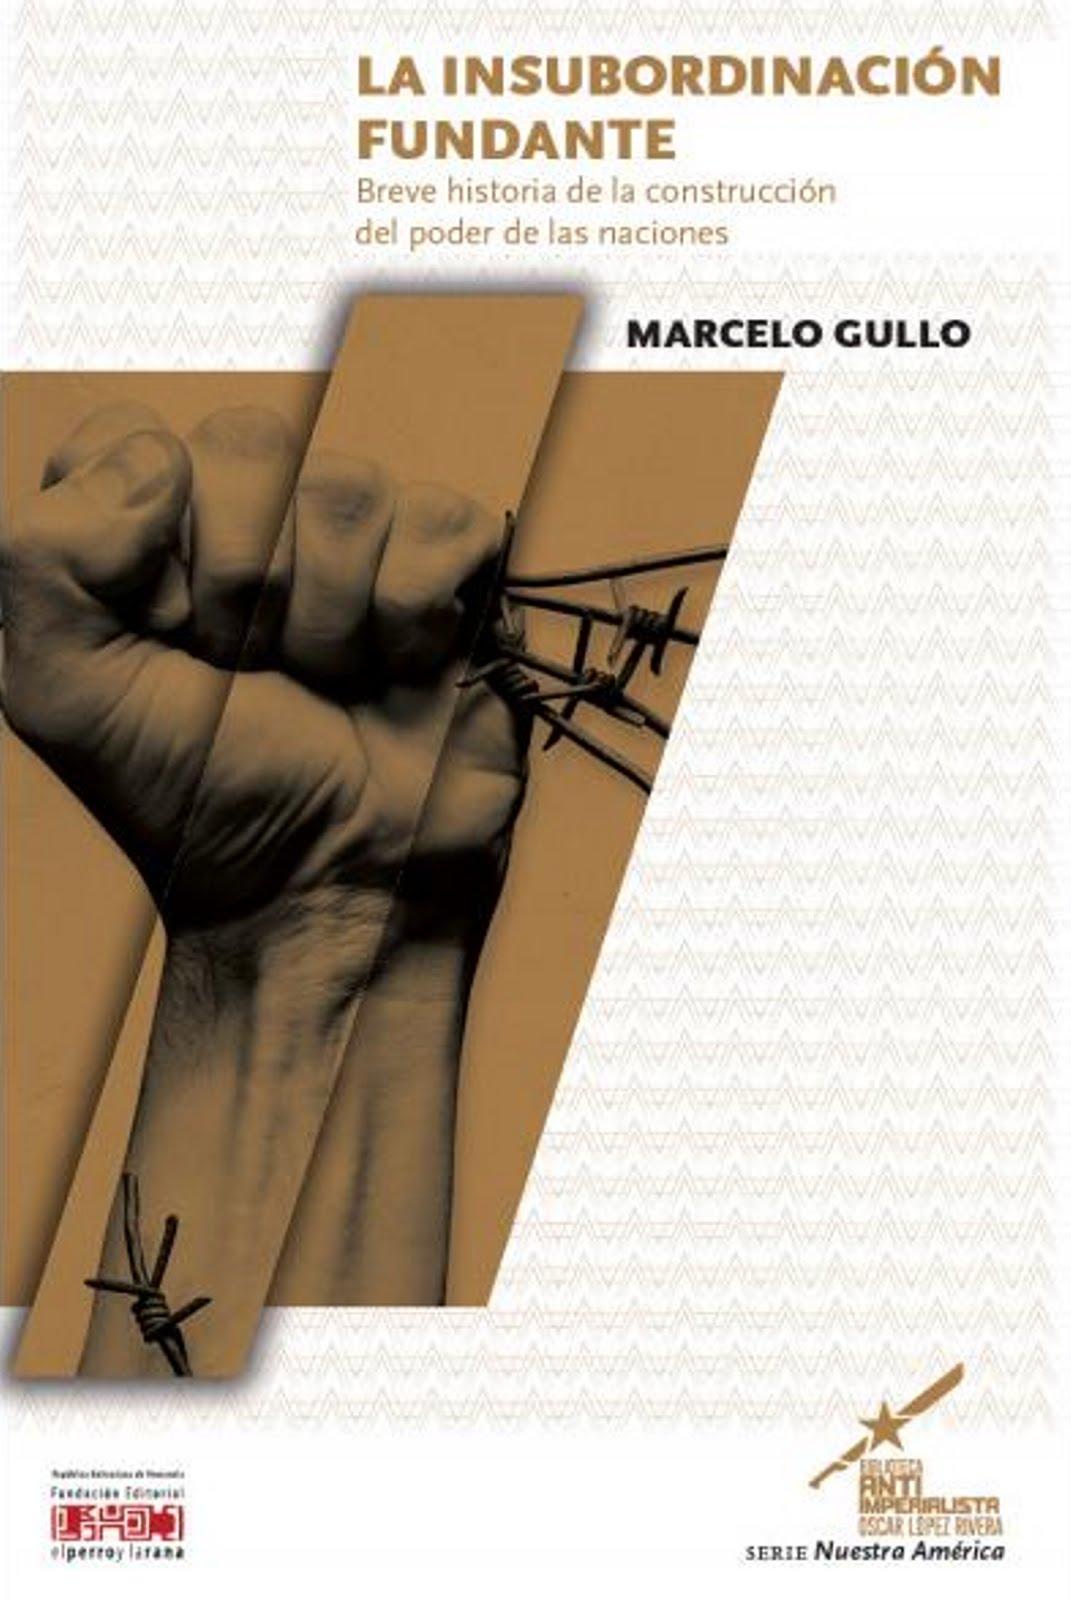 La Insubordinación fundante. autor: Lic. Marcelo Gullo.